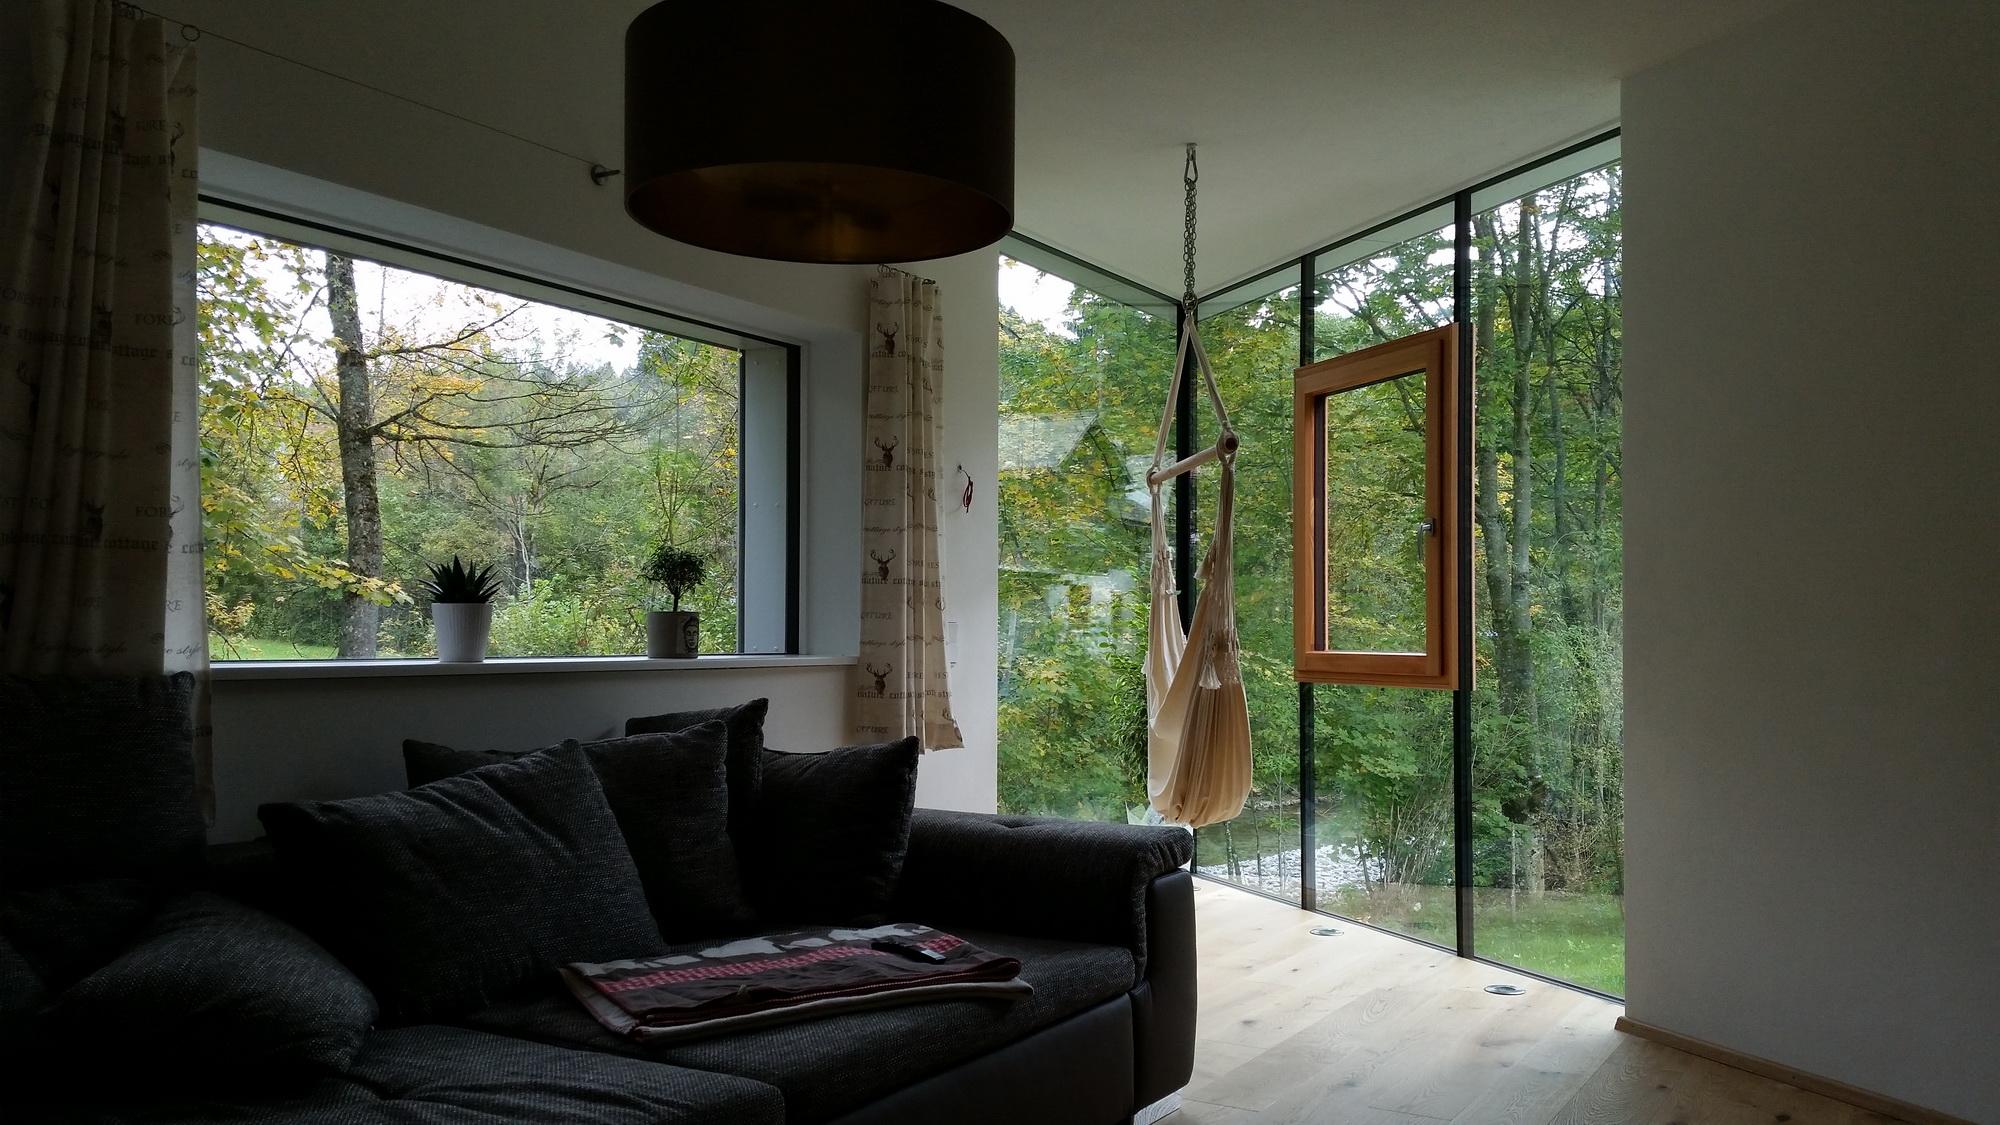 fenster wohnhaus tischlerei auer fenster t ren m bel. Black Bedroom Furniture Sets. Home Design Ideas